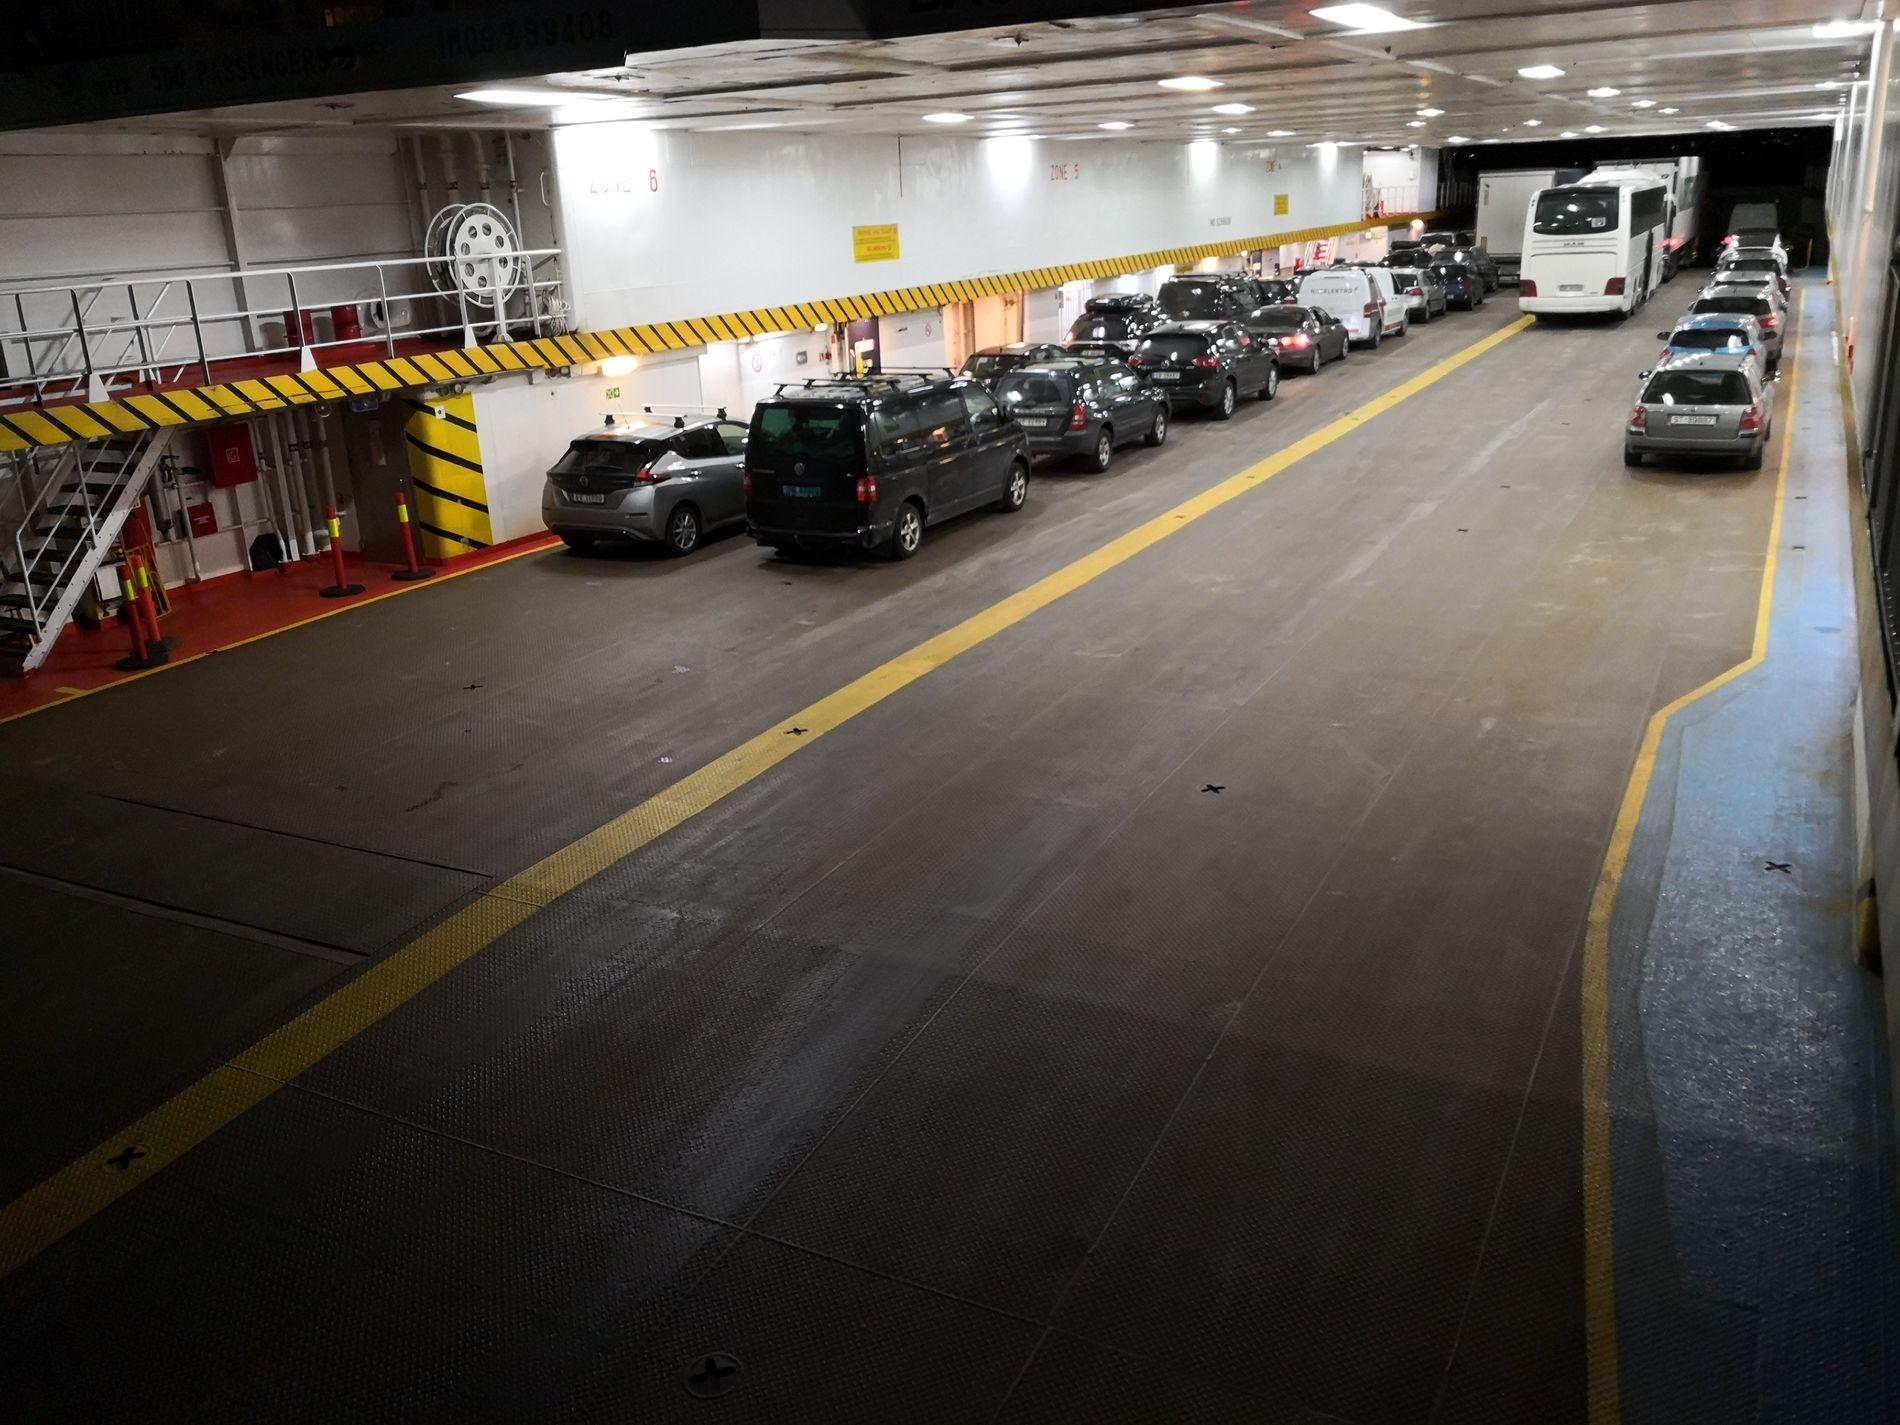 KANSELLERT: Avgangene klokken 19.20 fra Halhjem og klokken 20.10 fra Sandvikvåg innstilles på grunn av stor trafikk. Samtidig fylles ikke fergene helt opp, sier passasjer Grim Moberg.